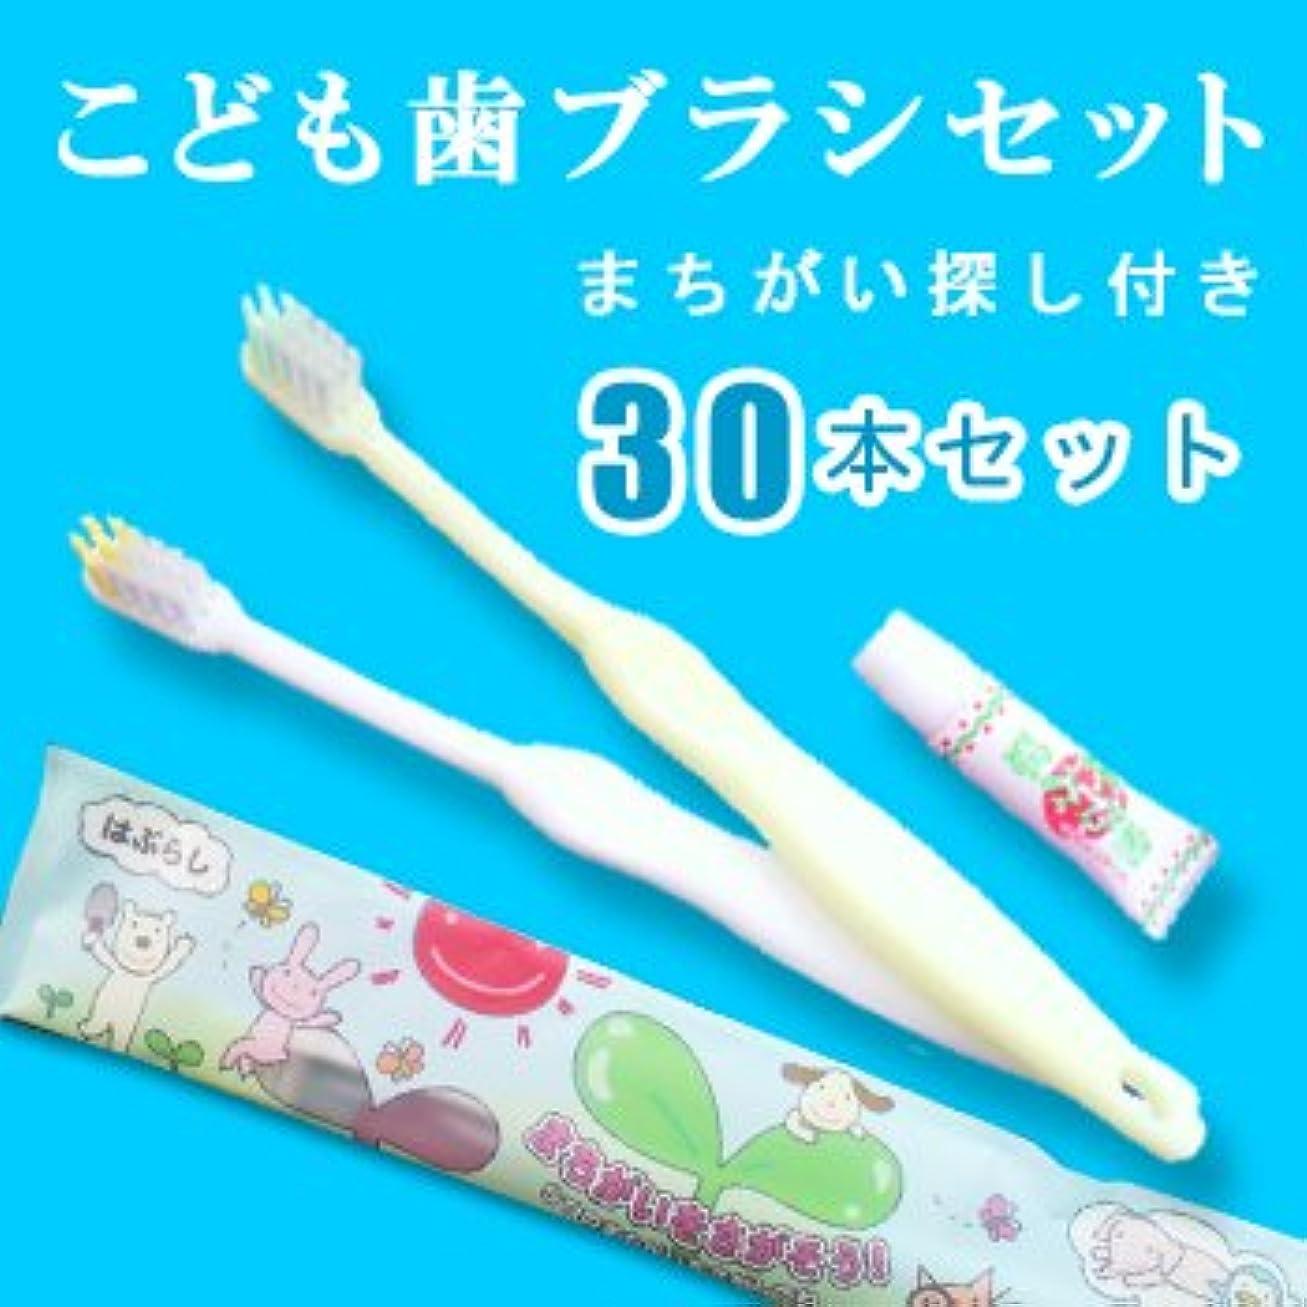 一目八百屋一般的に言えばこども歯ブラシ いちご味の歯磨き粉3gチューブ付 ホワイト?イエロー各15本アソート(1セット30本)